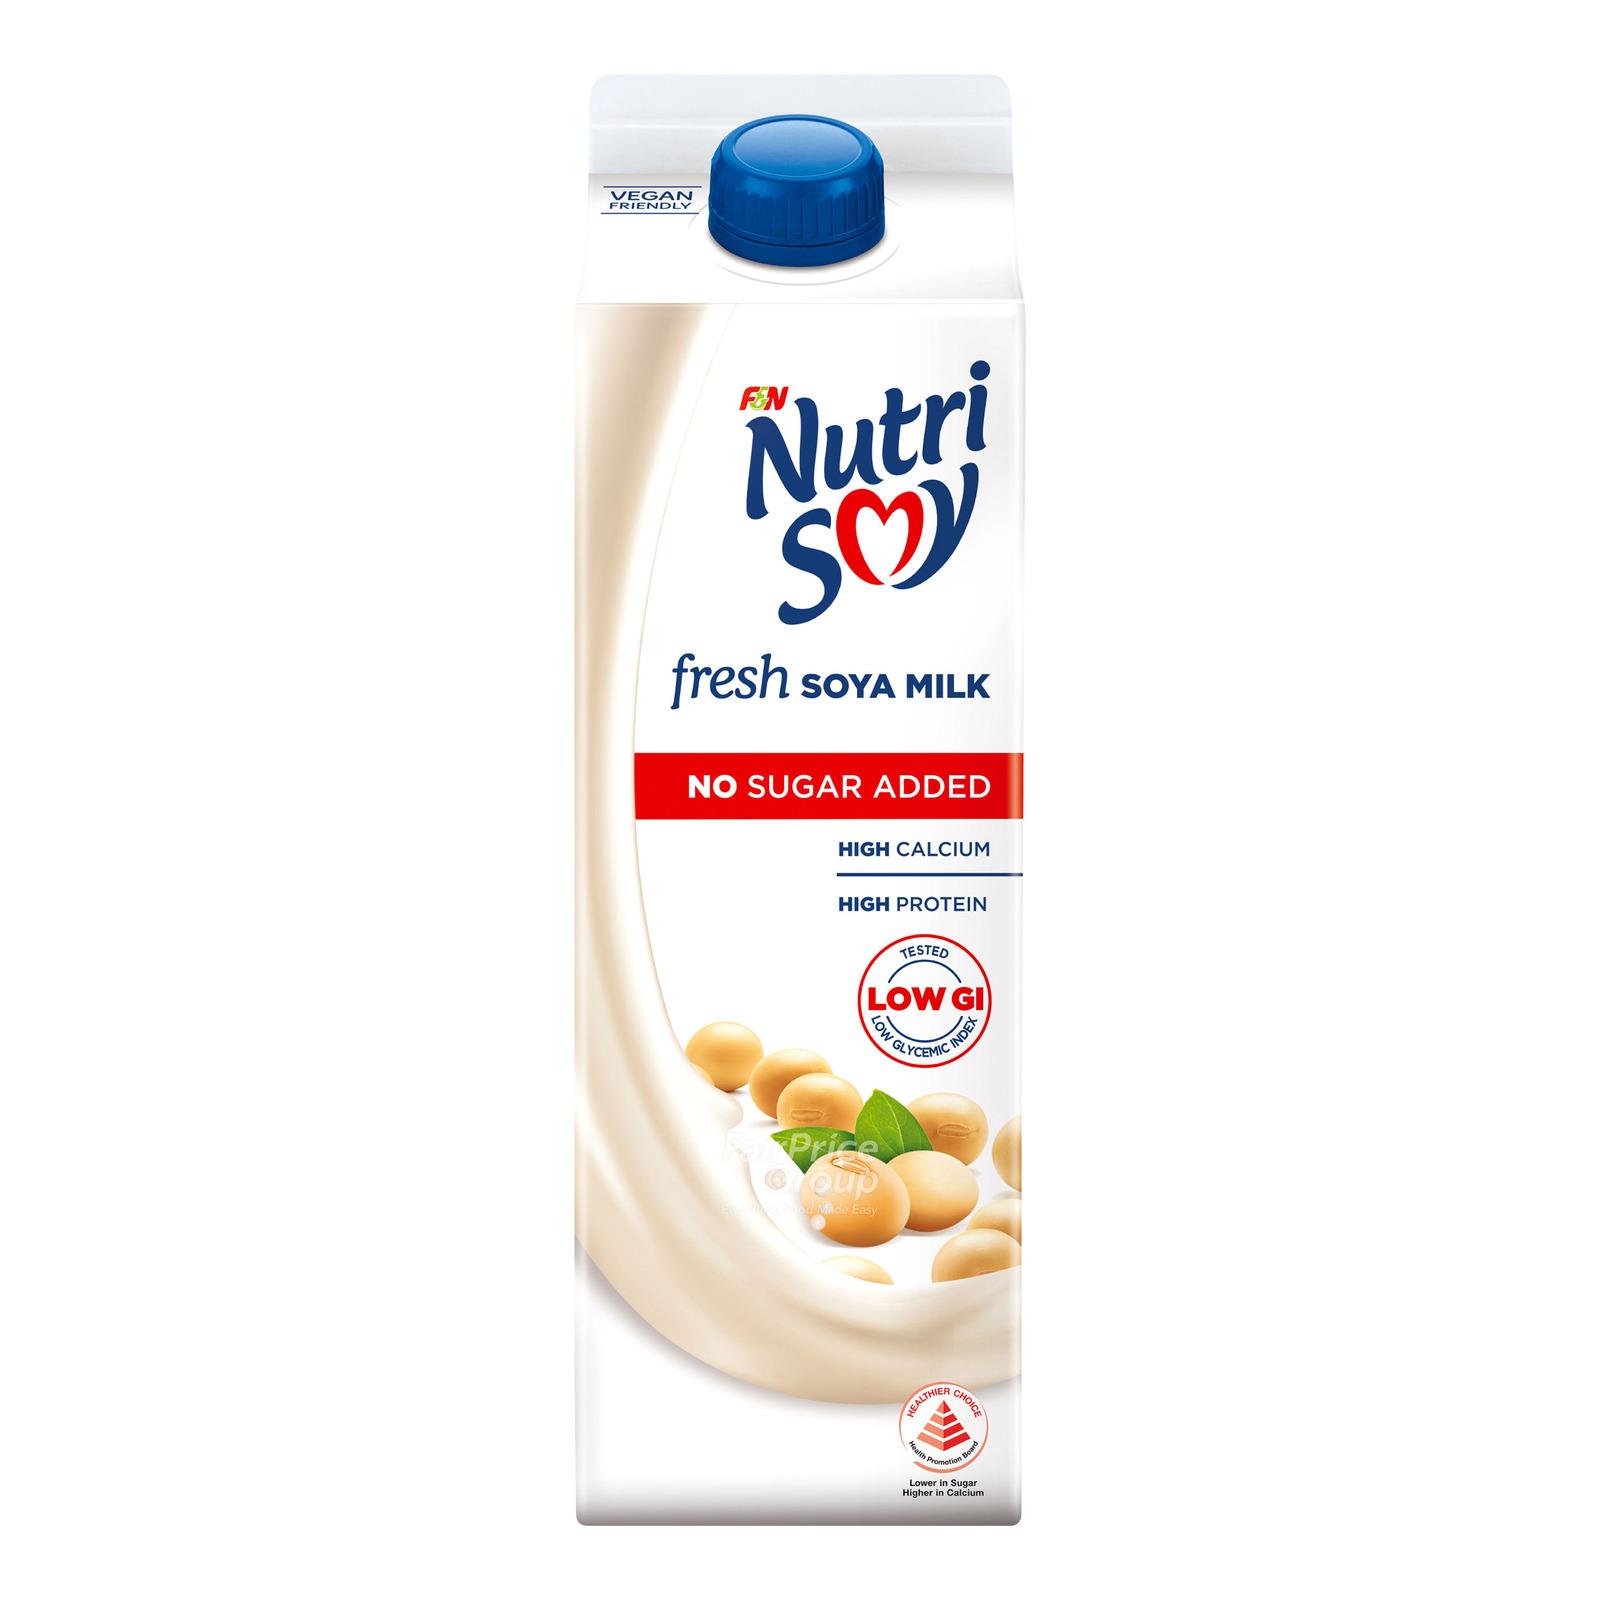 F&N NutriSoy High Calcium Fresh Soya Milk - No Sugar Added